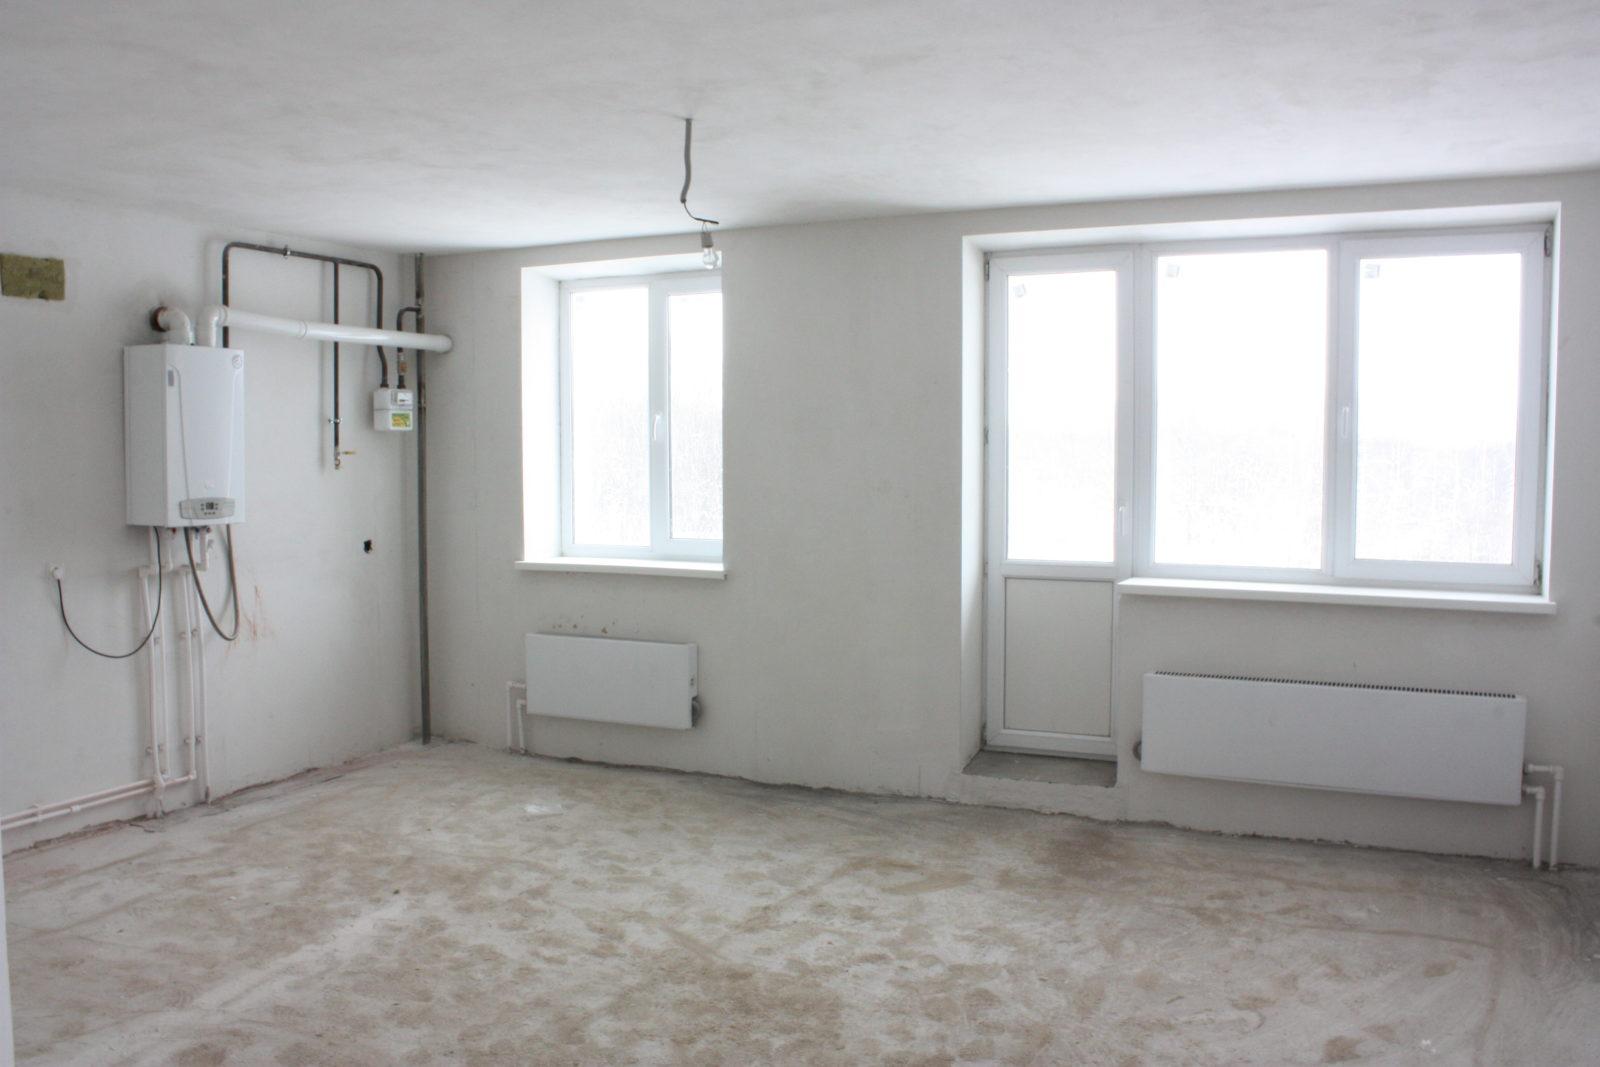 Покупка квартиры без отделки